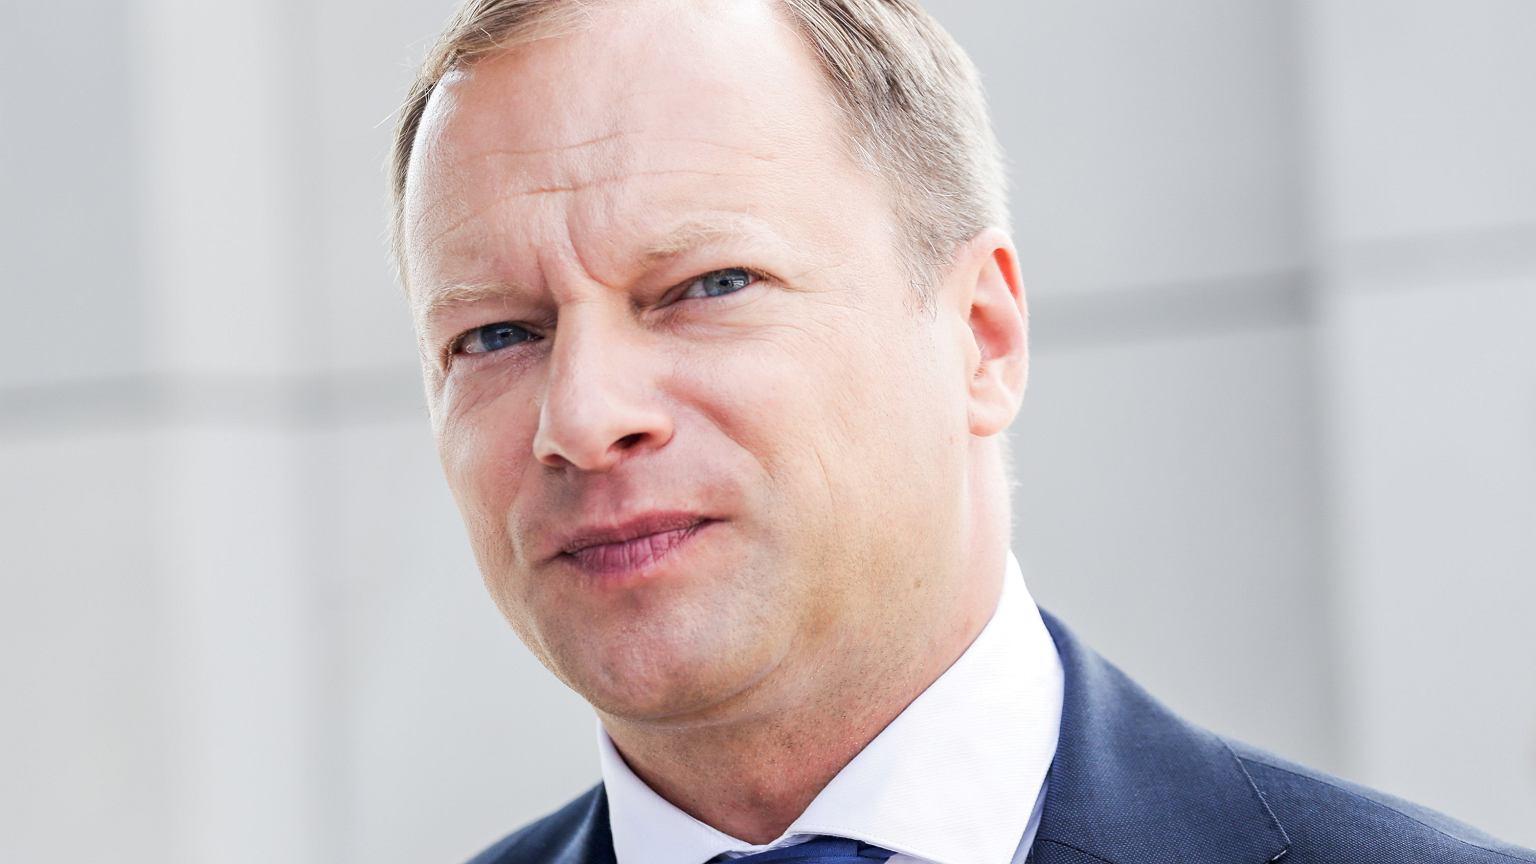 Maciej Stuhr apeluje: Wybory trzeba przesunąć na wcześniej, oddam głos na Andrzeja choćby dziś